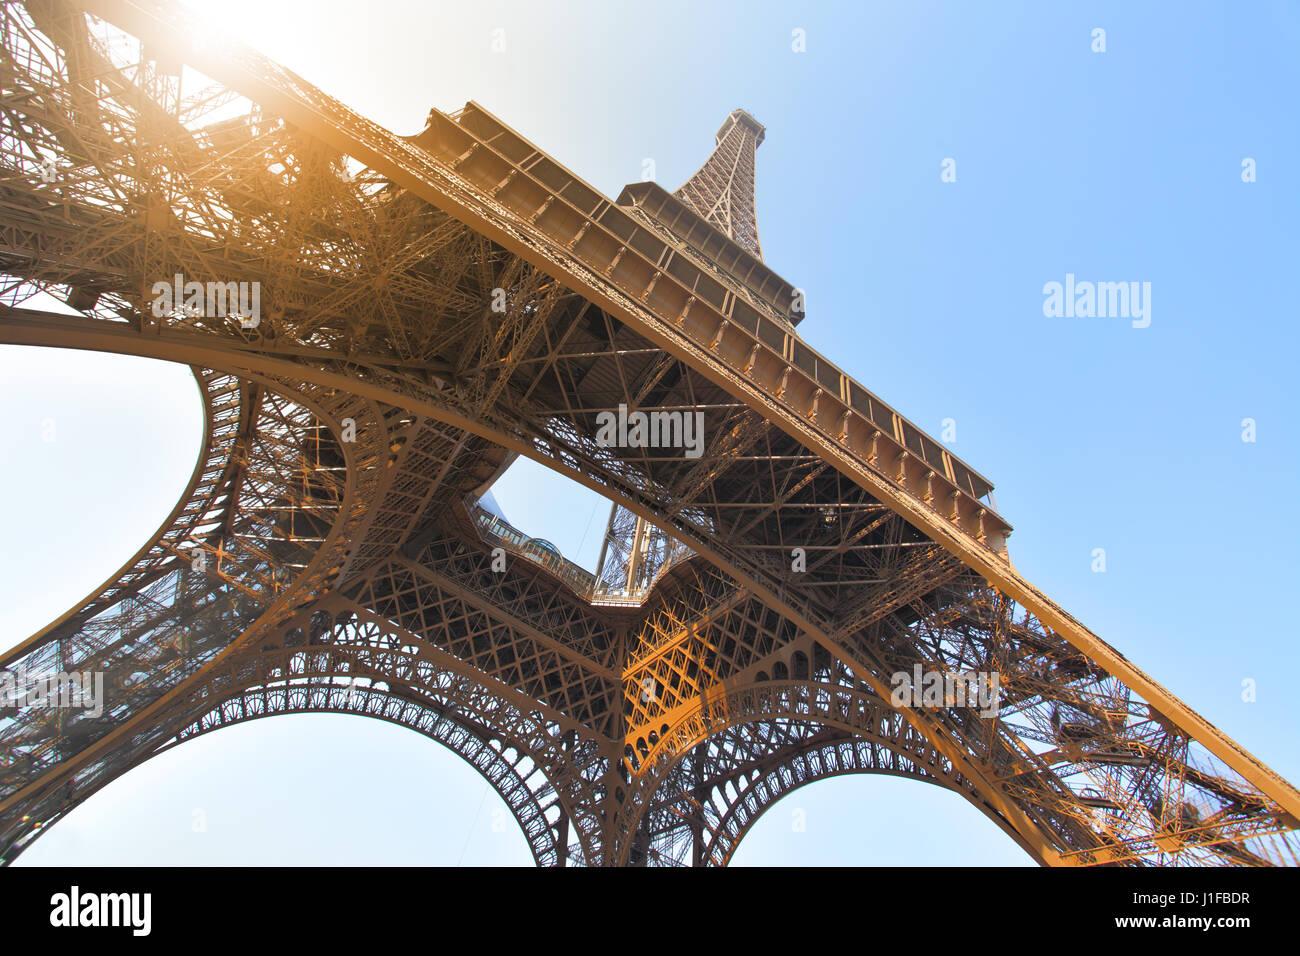 Winkel-Schuss auf den Eiffelturm in Paris, Frankreich Stockbild